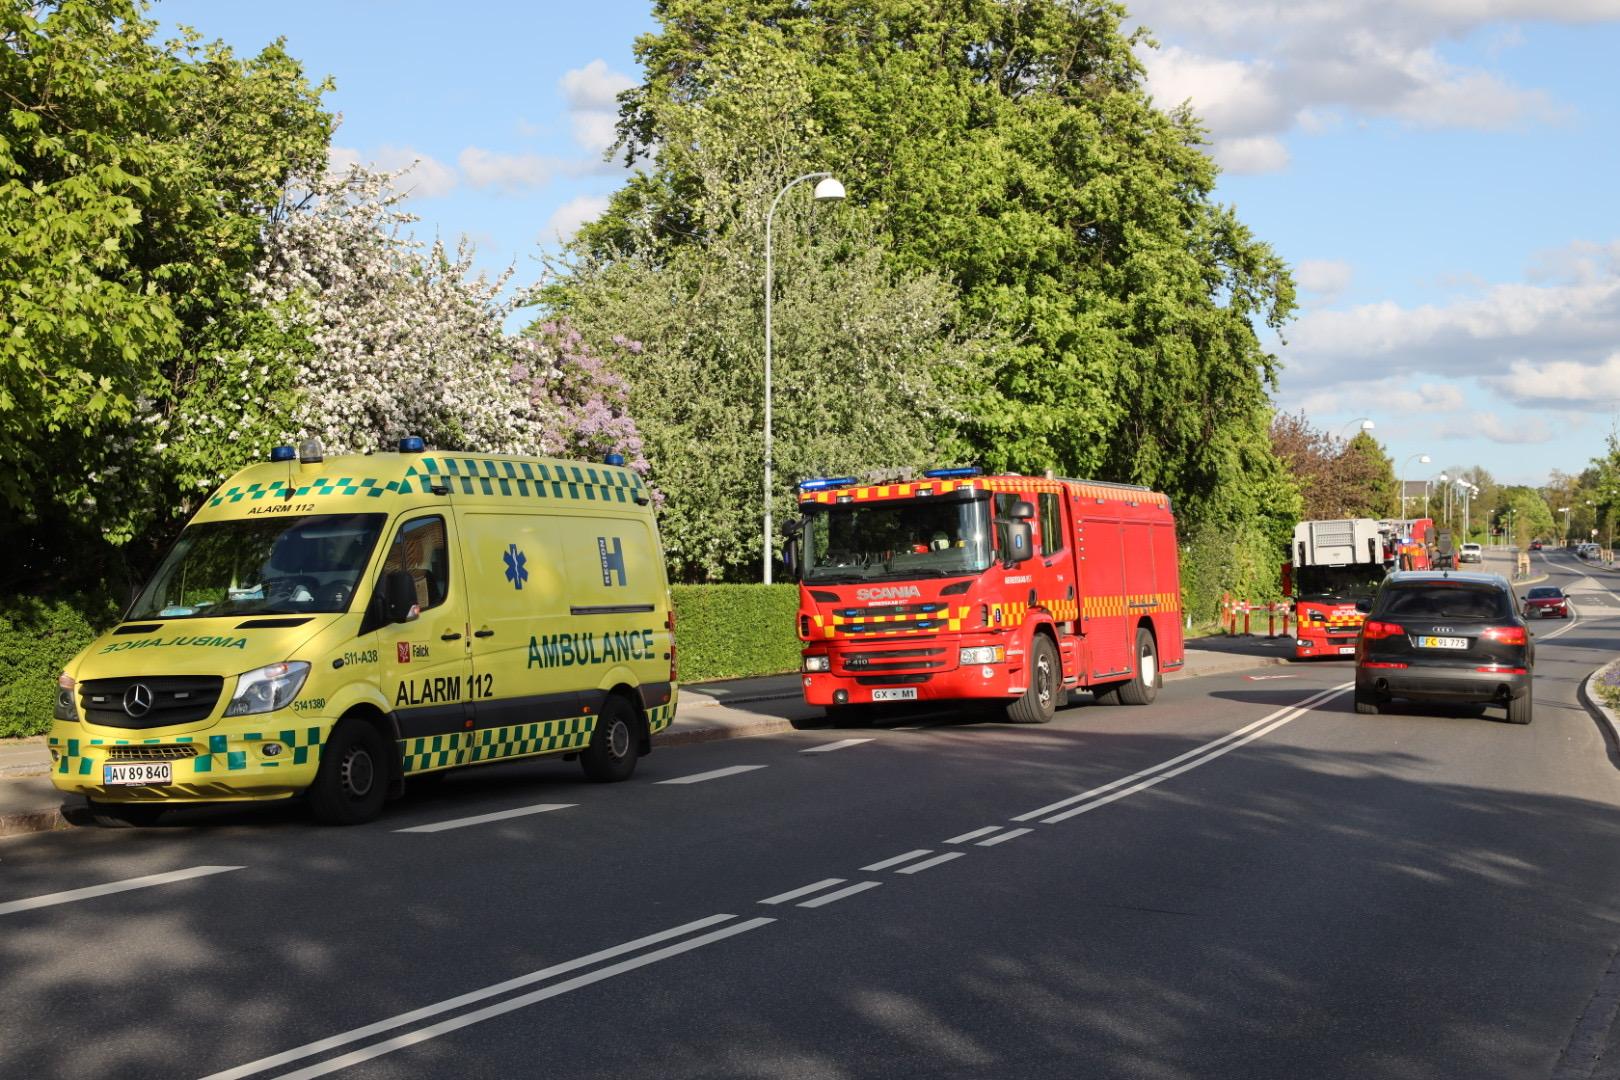 Bygningsbrand i Gladsaxe - brand og redning er på stedet